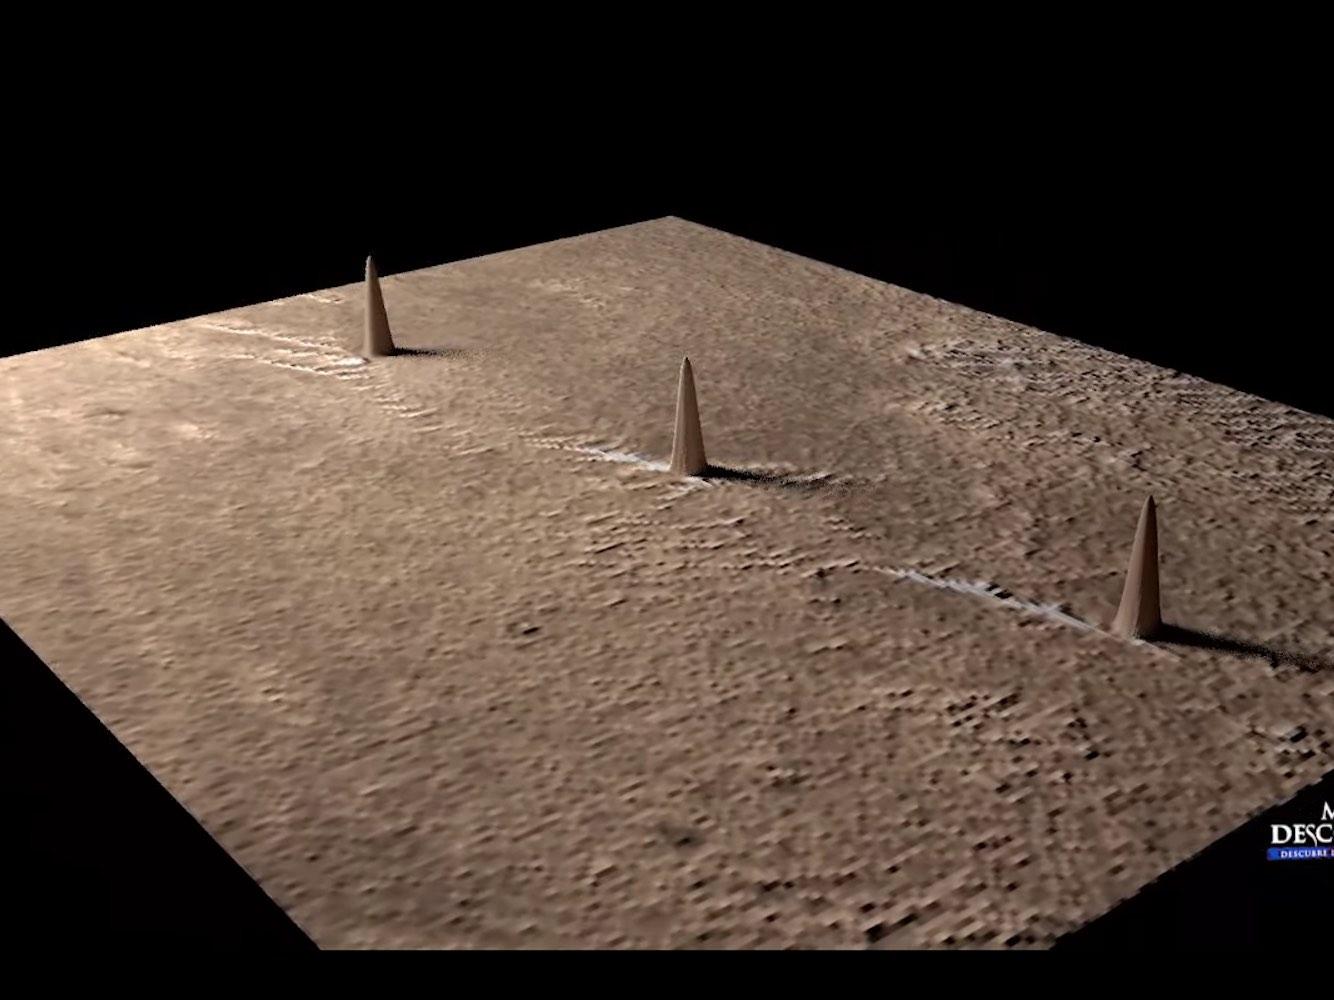 Mısır'daki Giza Piramitleri'nin Benzeri Mars'da Bulundu